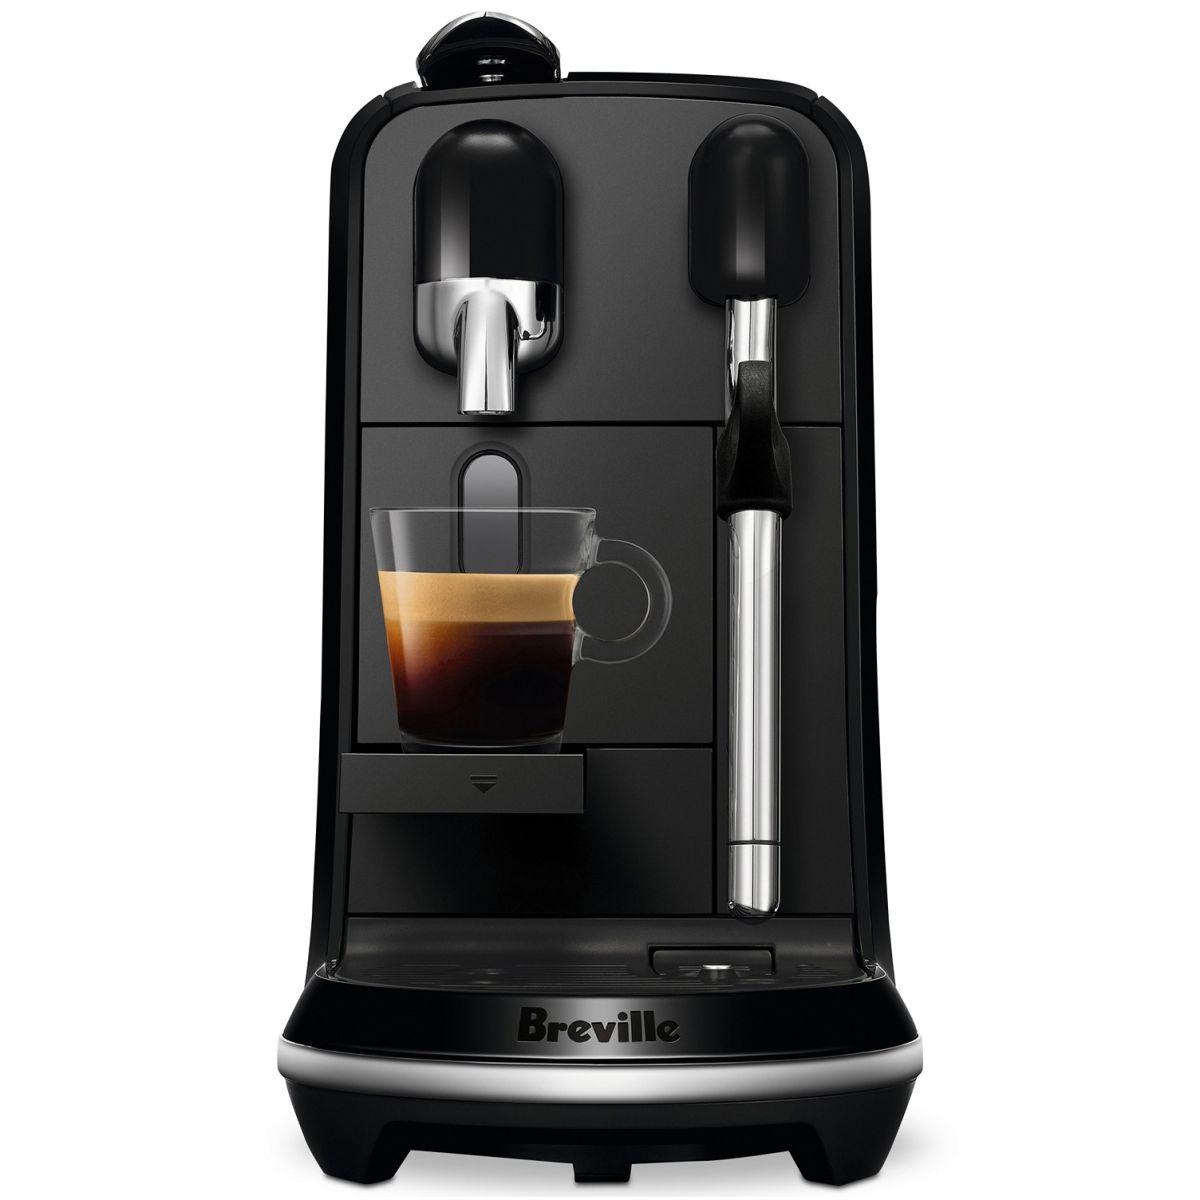 Starbucks closed? These coffee machine